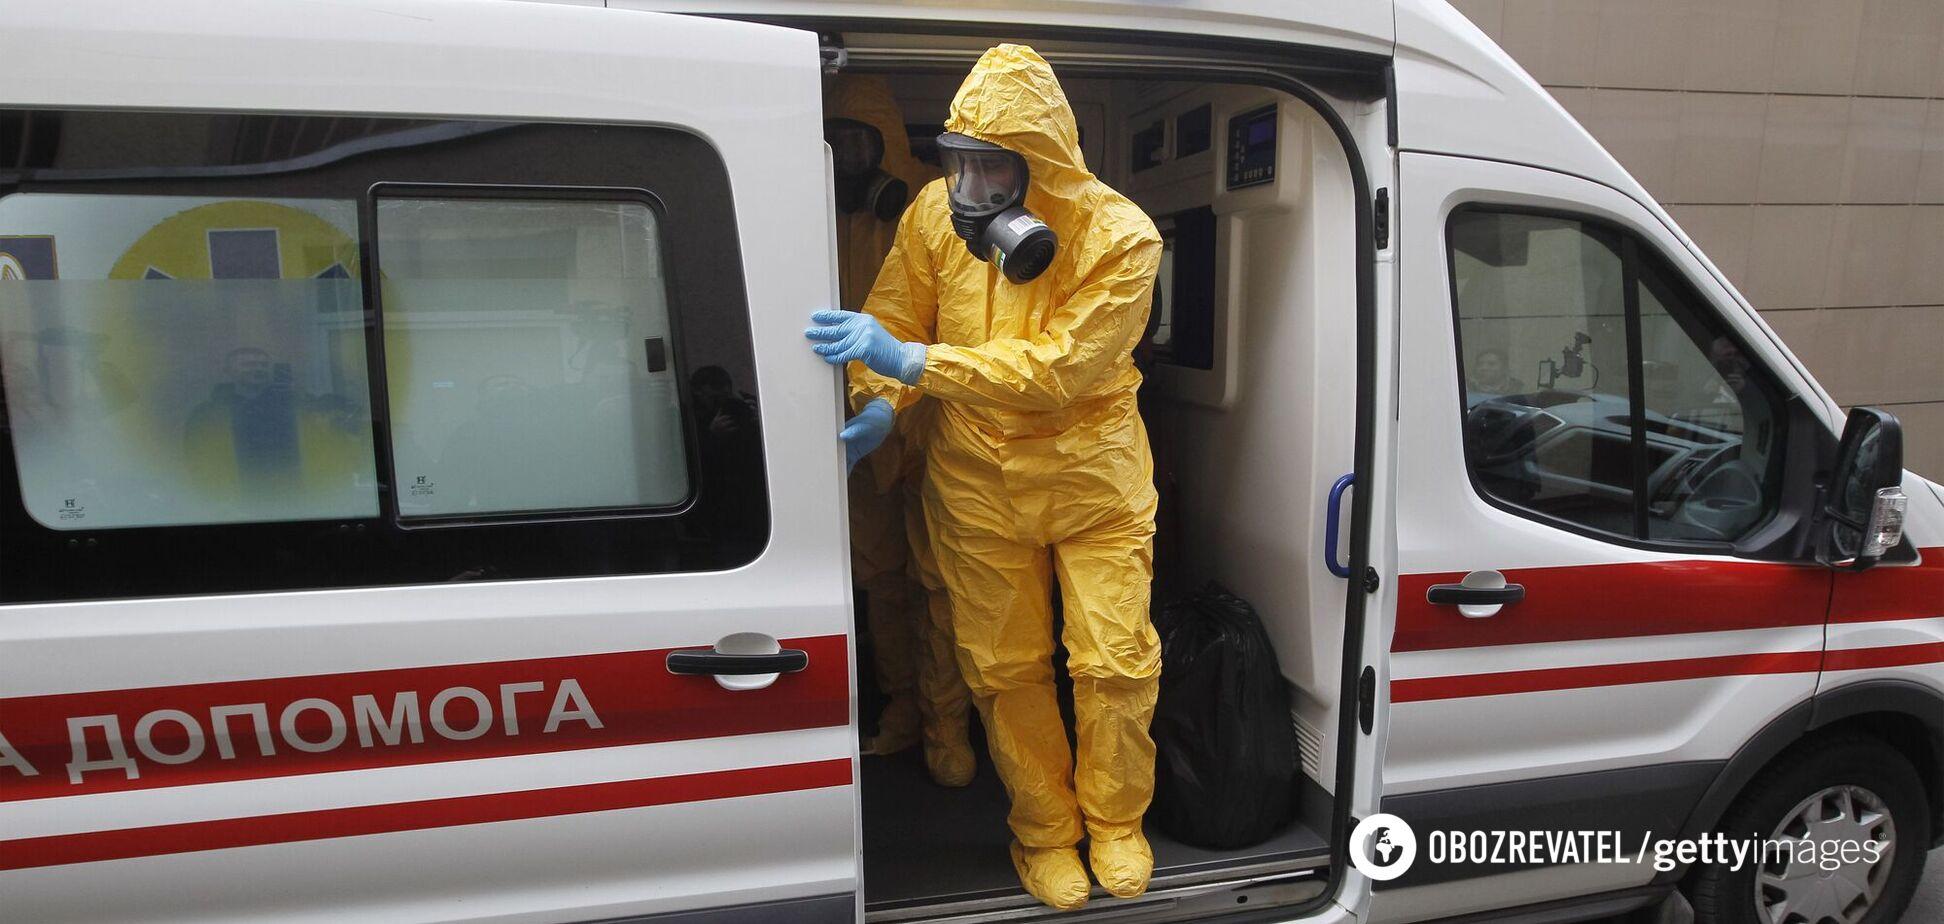 Лікарі визнали, що в Києві аврал із COVID-19: хворих більше, ніж у статистиці